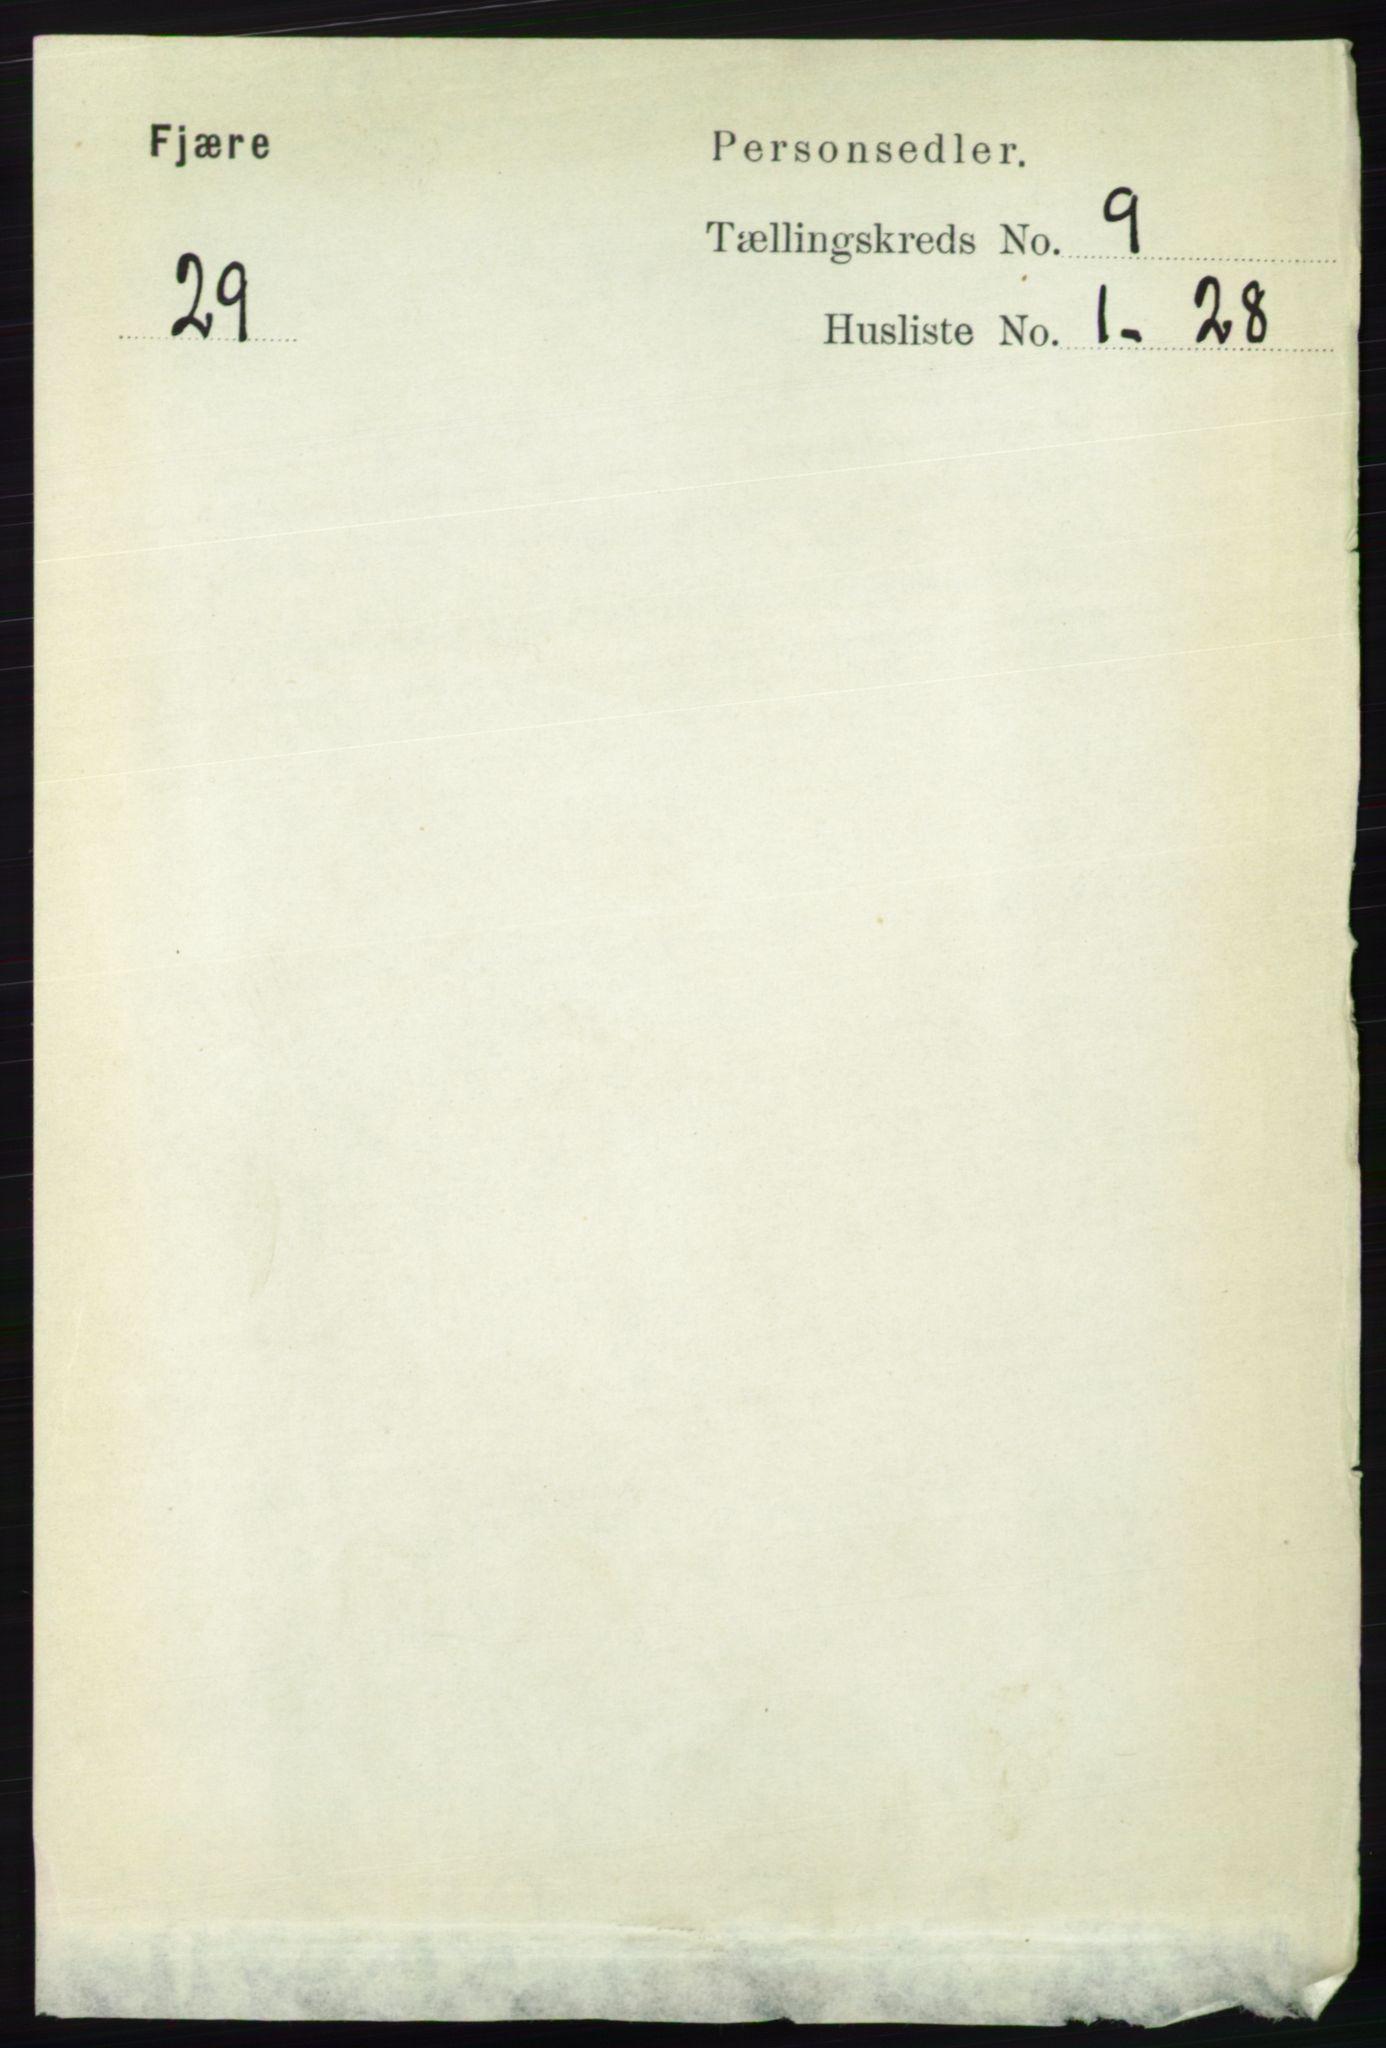 RA, Folketelling 1891 for 0923 Fjære herred, 1891, s. 4199